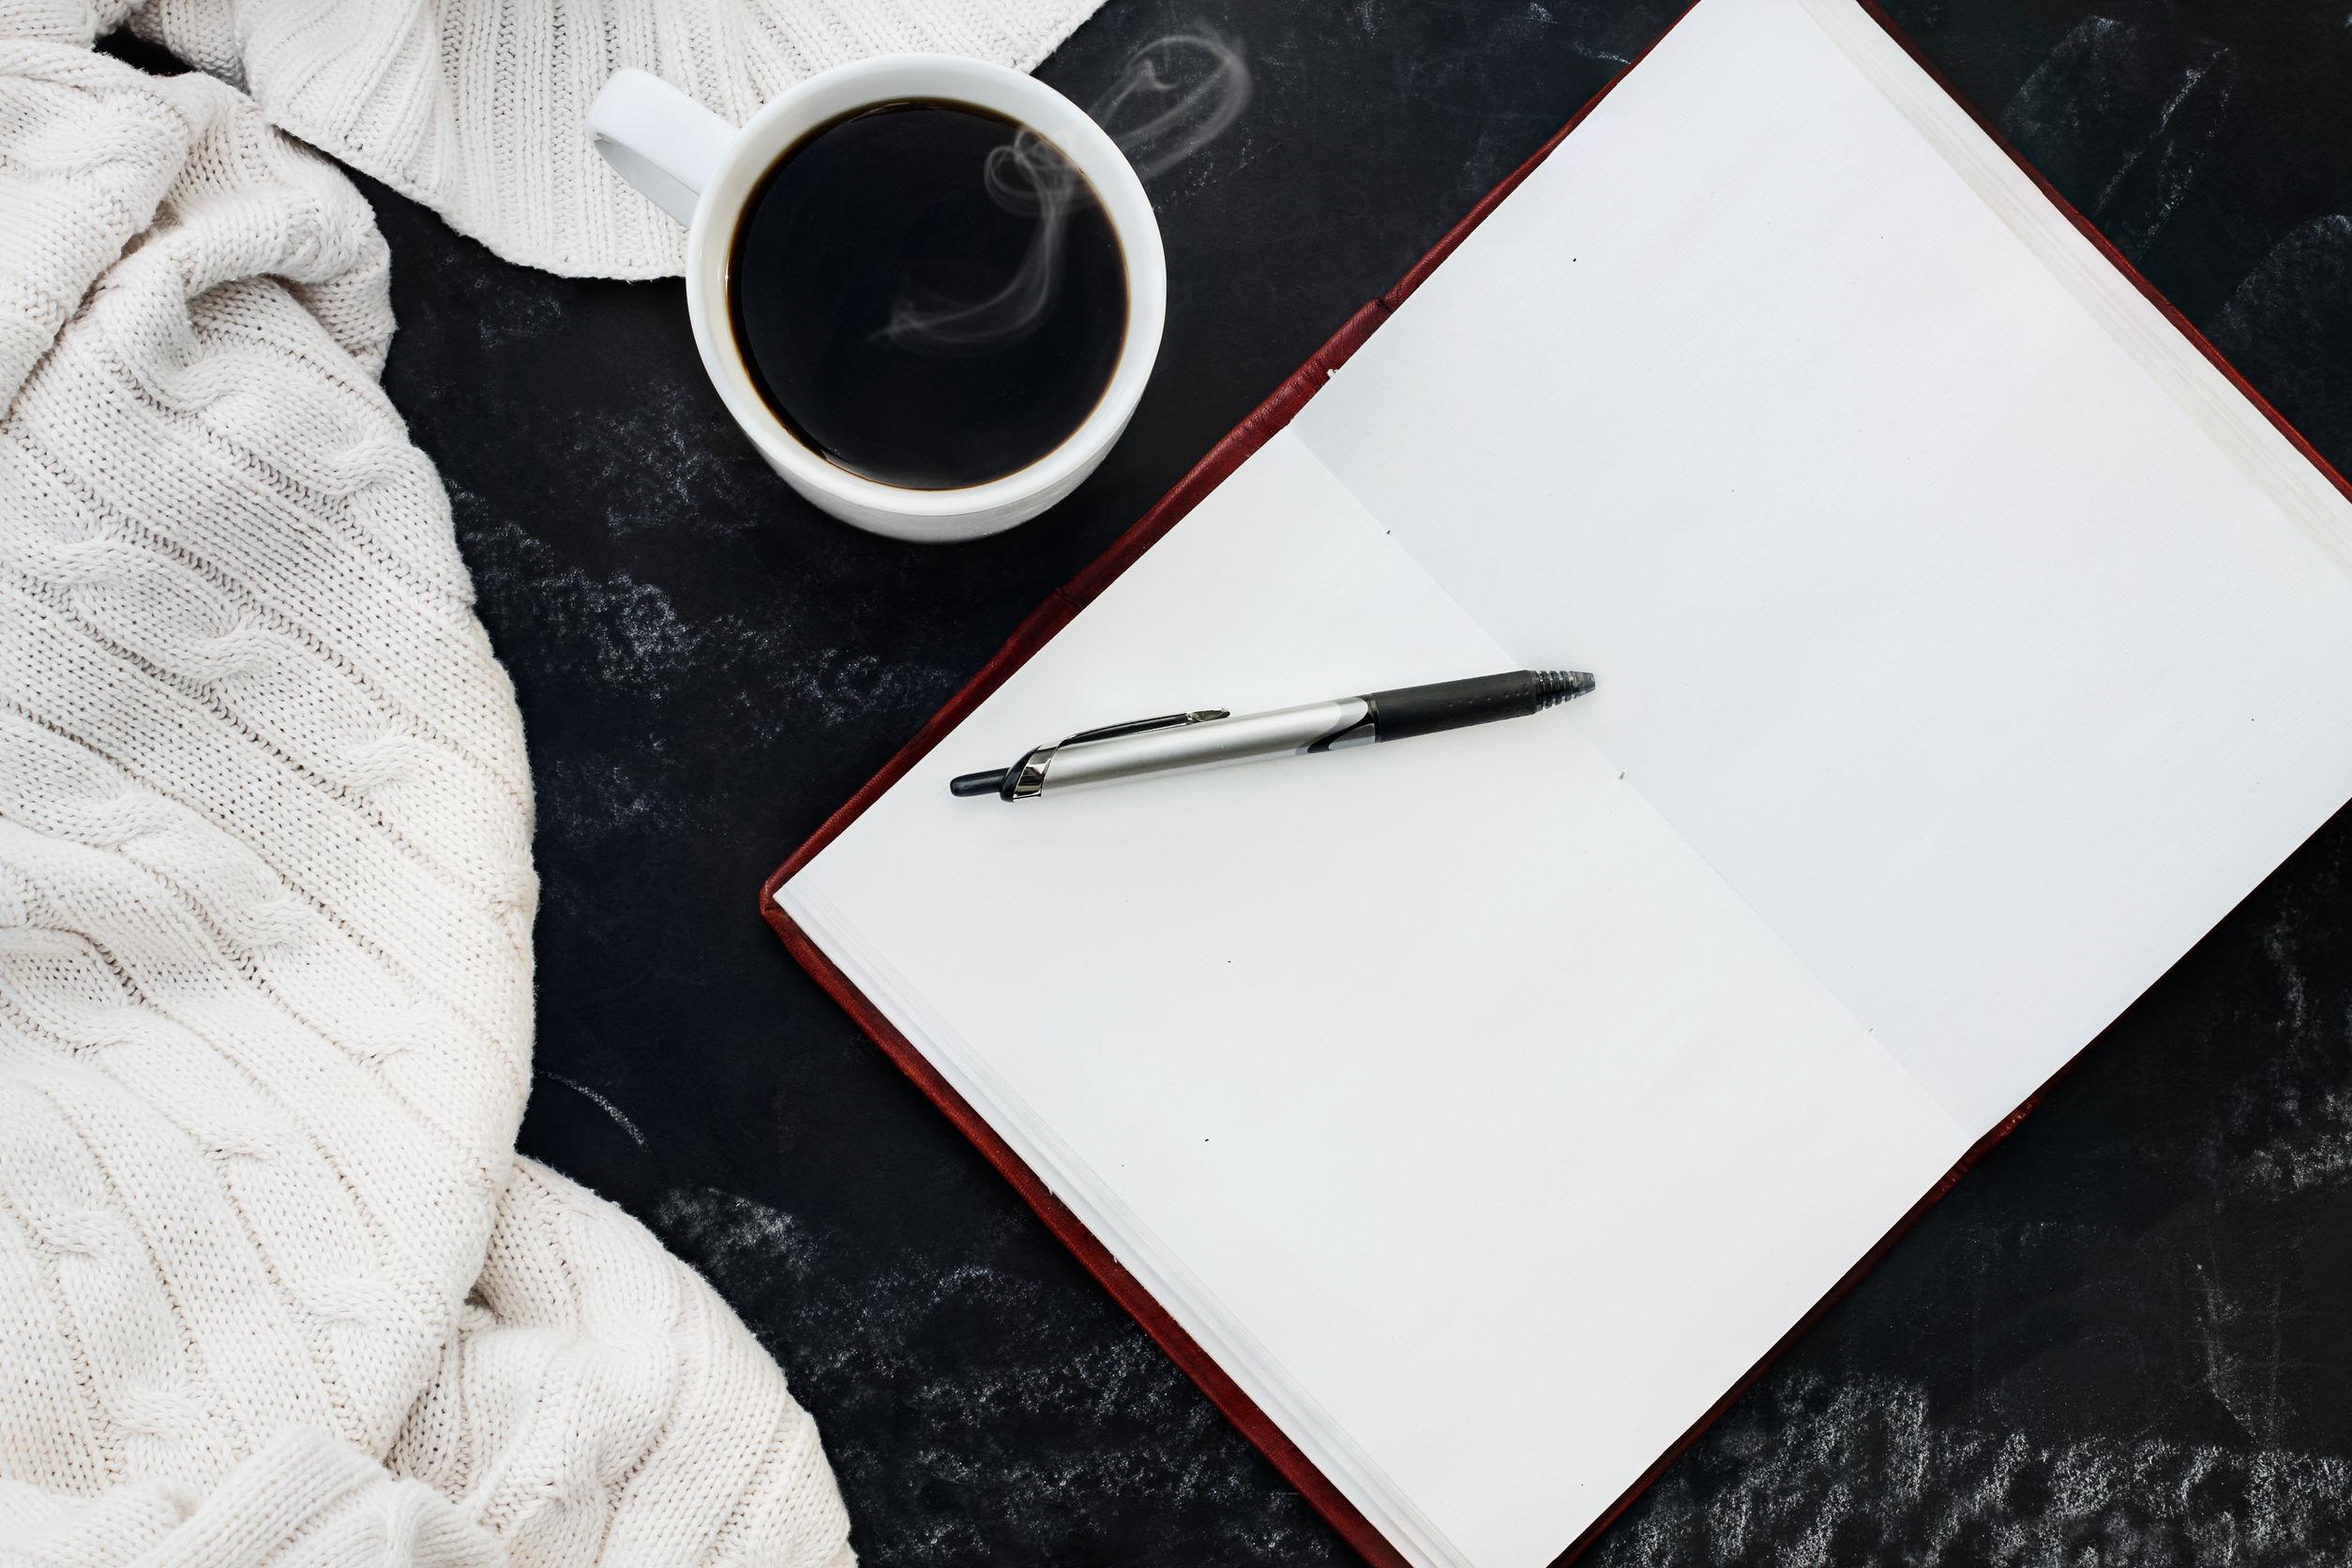 Suave manta suéter de punto con una taza de café caliente y un libro abierto con la pluma